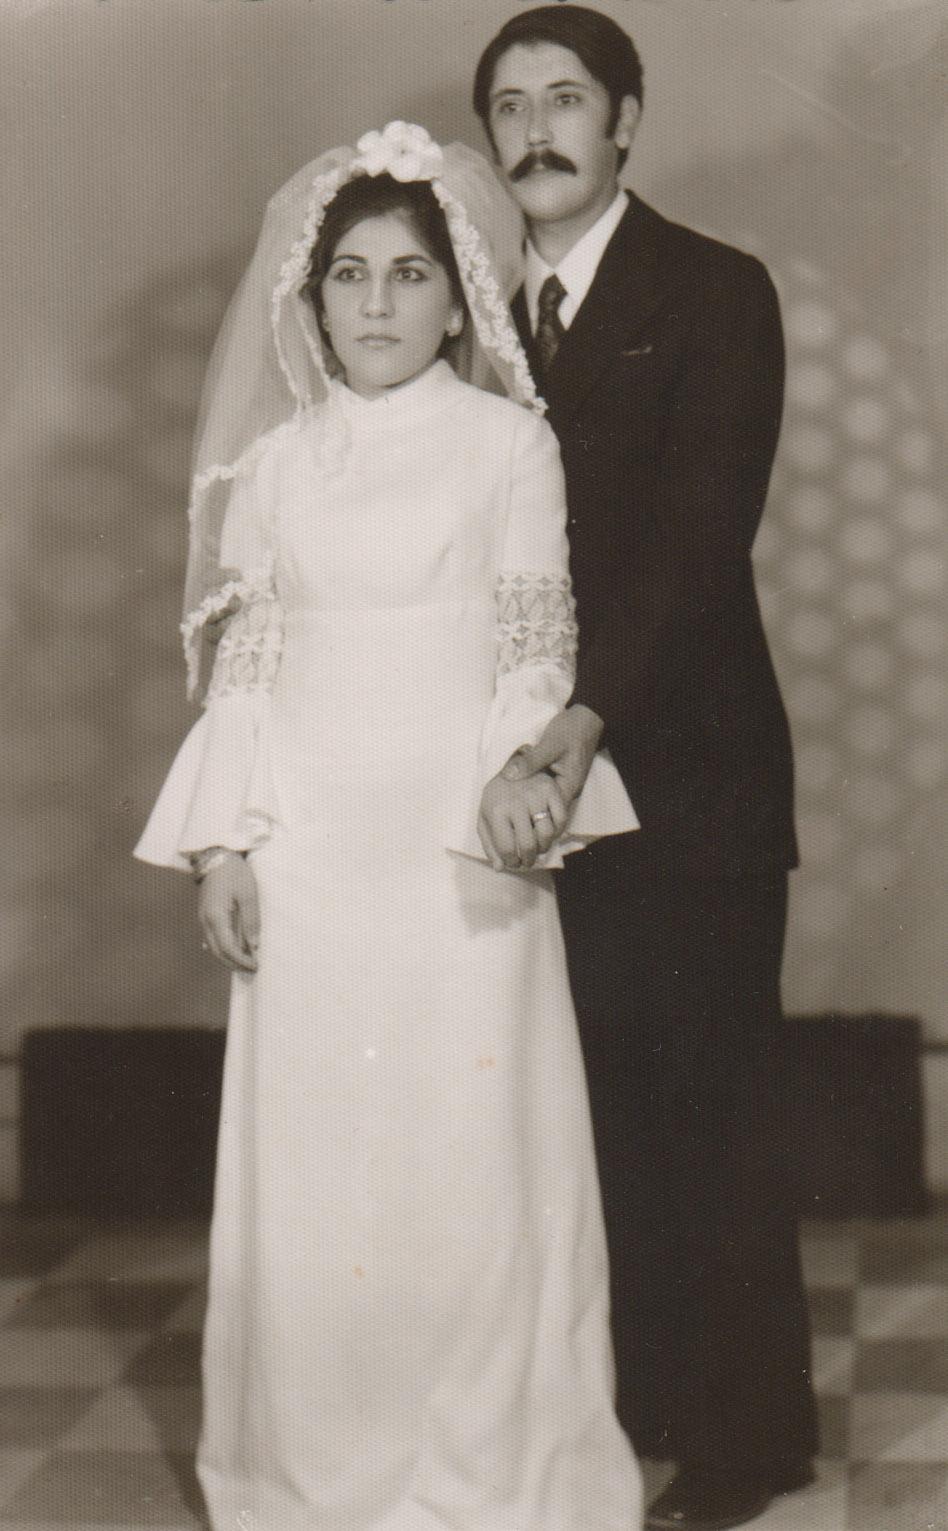 Moje sestra Gülay na své svatbě (1971) - Xwuşka mın Gülay dı daweta xwe de (1971)